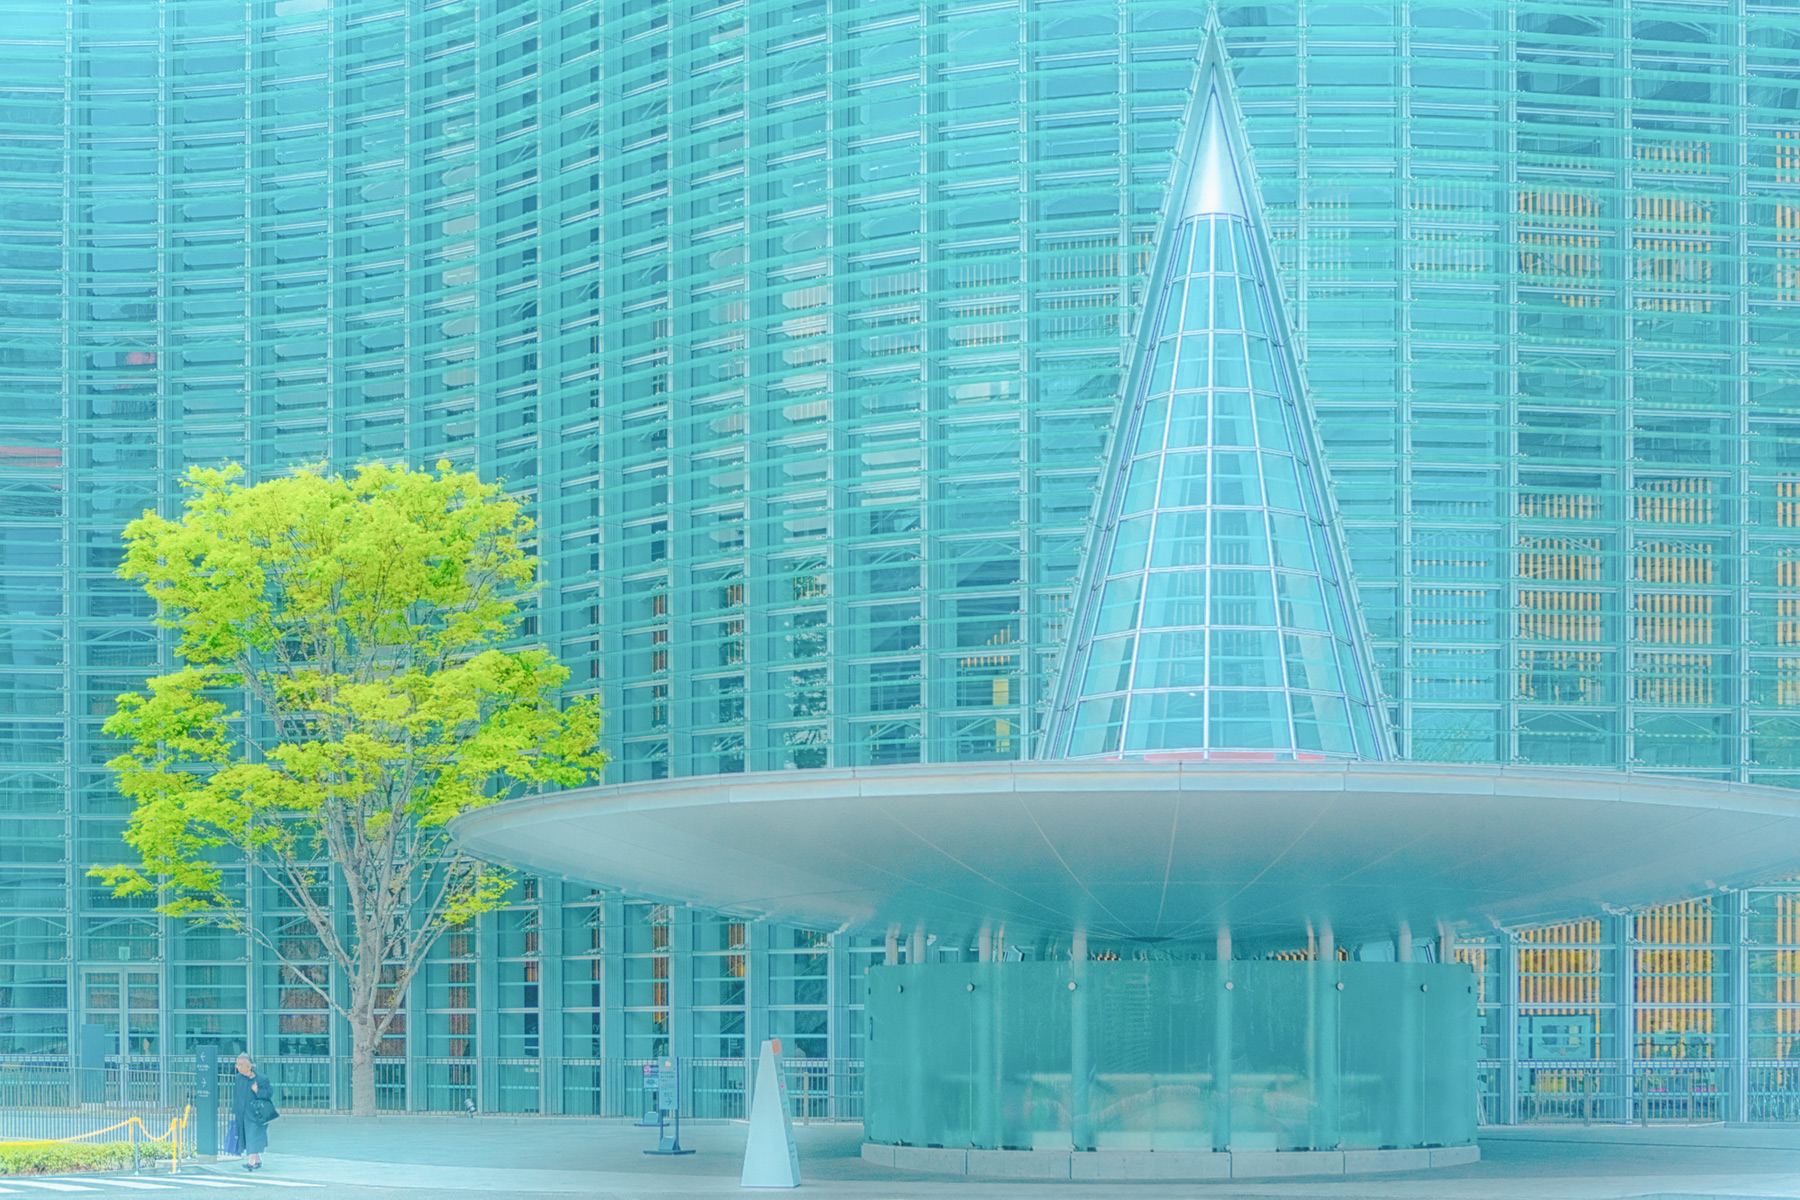 green_tokyo_04.jpg